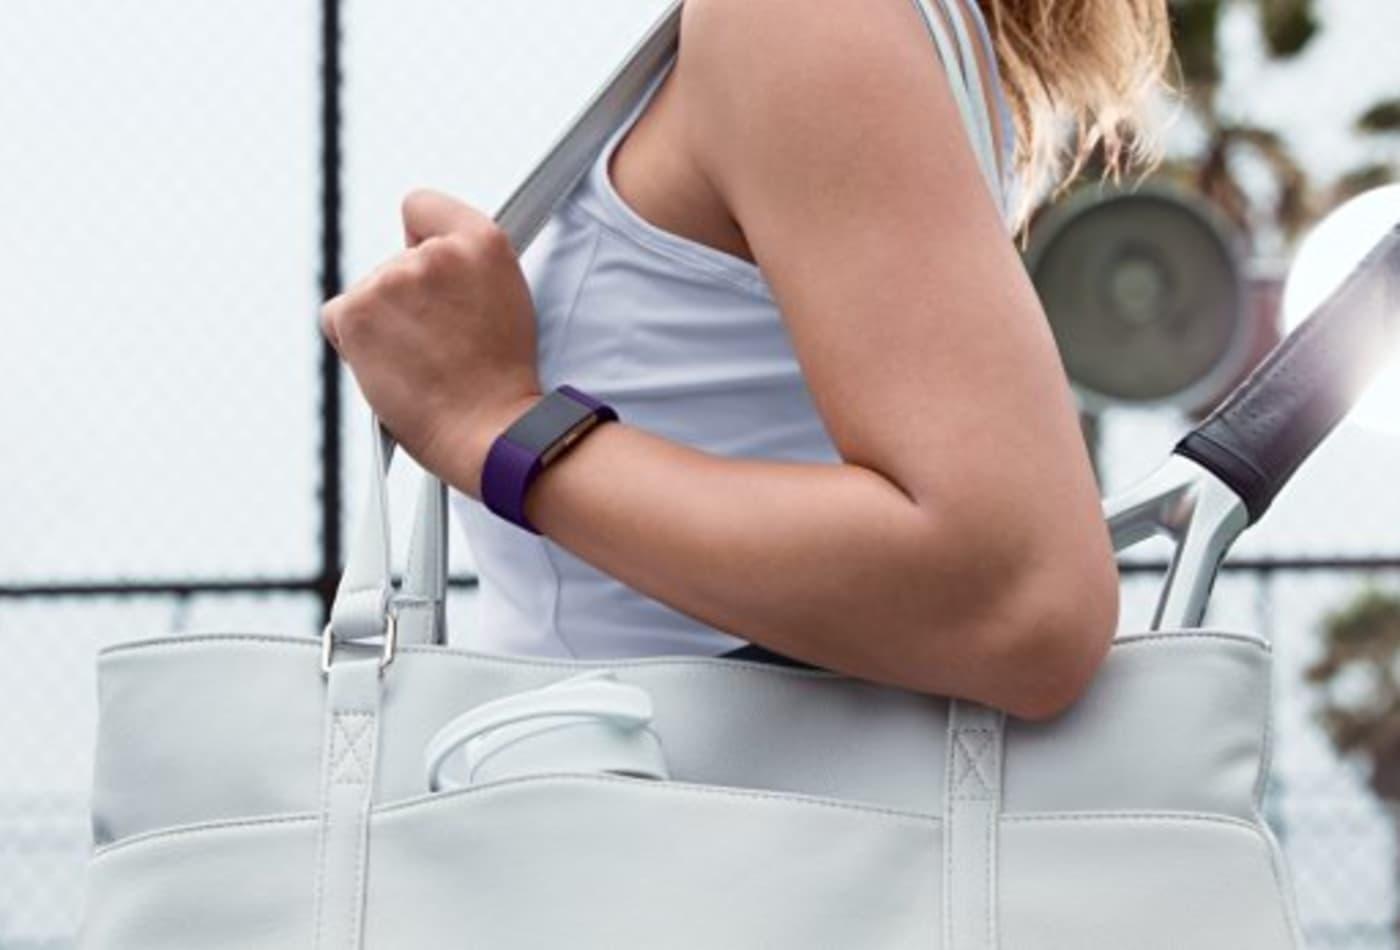 Google's $2.1 billion Fitbit deal faces EU antitrust probe, per sources